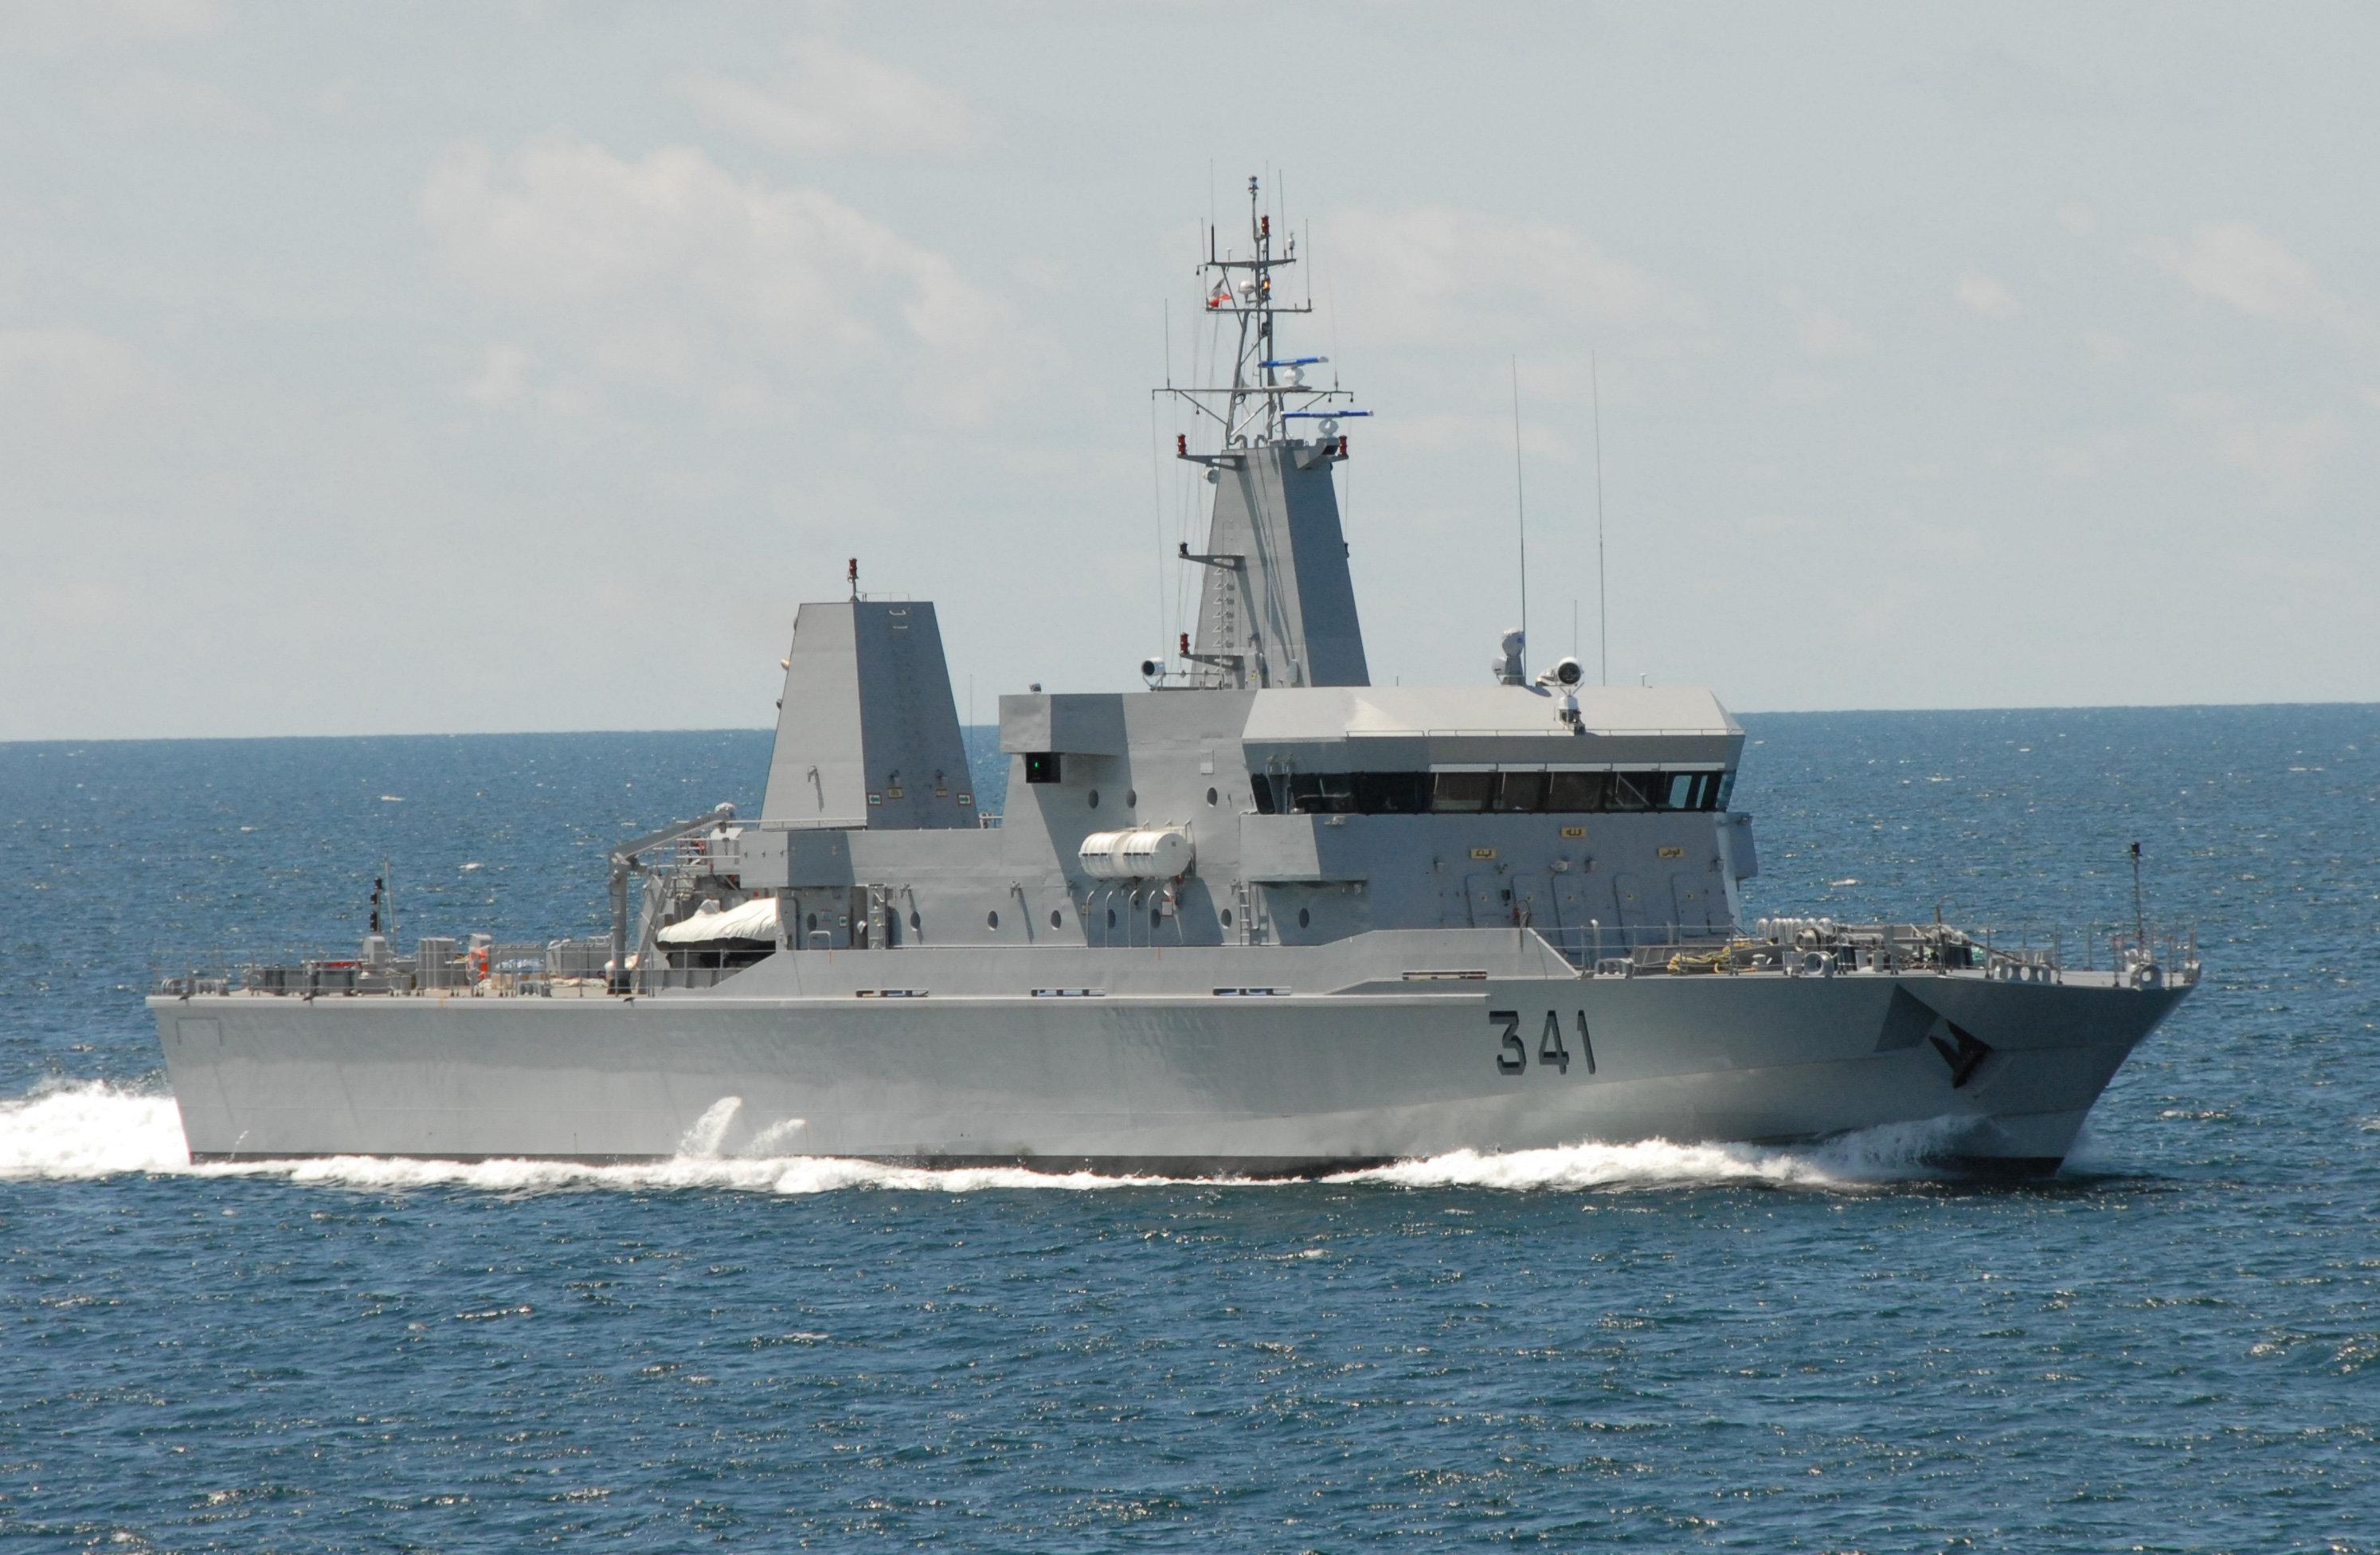 البحرية الملكية تنقذ أكثر من 90 مهاجرا سريا بعرض البحر